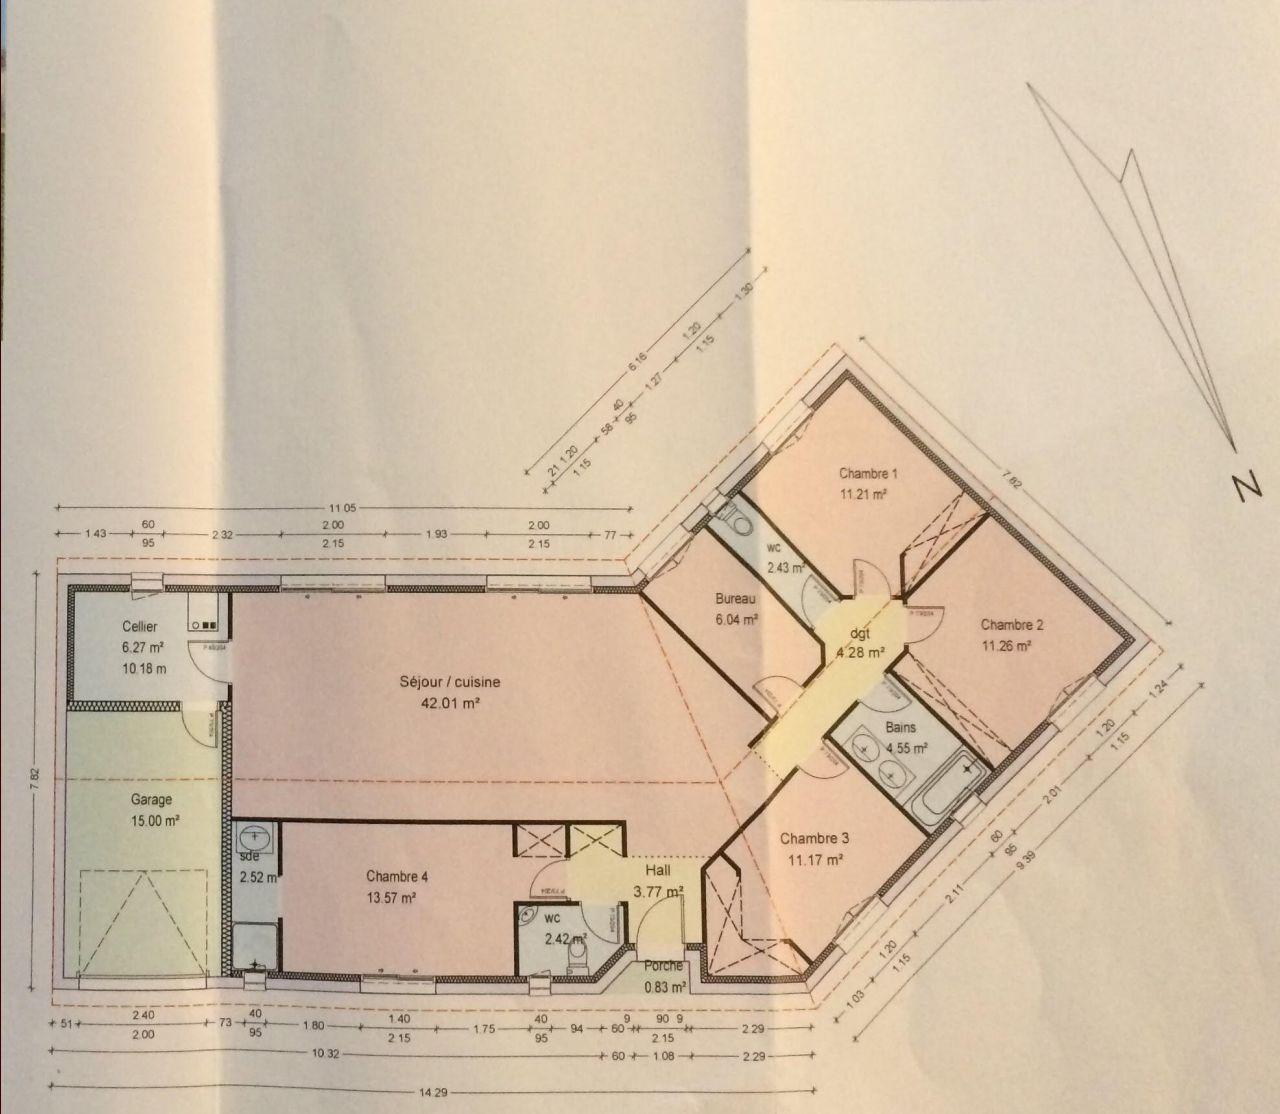 c14731bdc63c5  Plan de maison    Plans de maisons en L ou en V - Ambares Et Lagrave  (Gironde - 33) - aout 2015